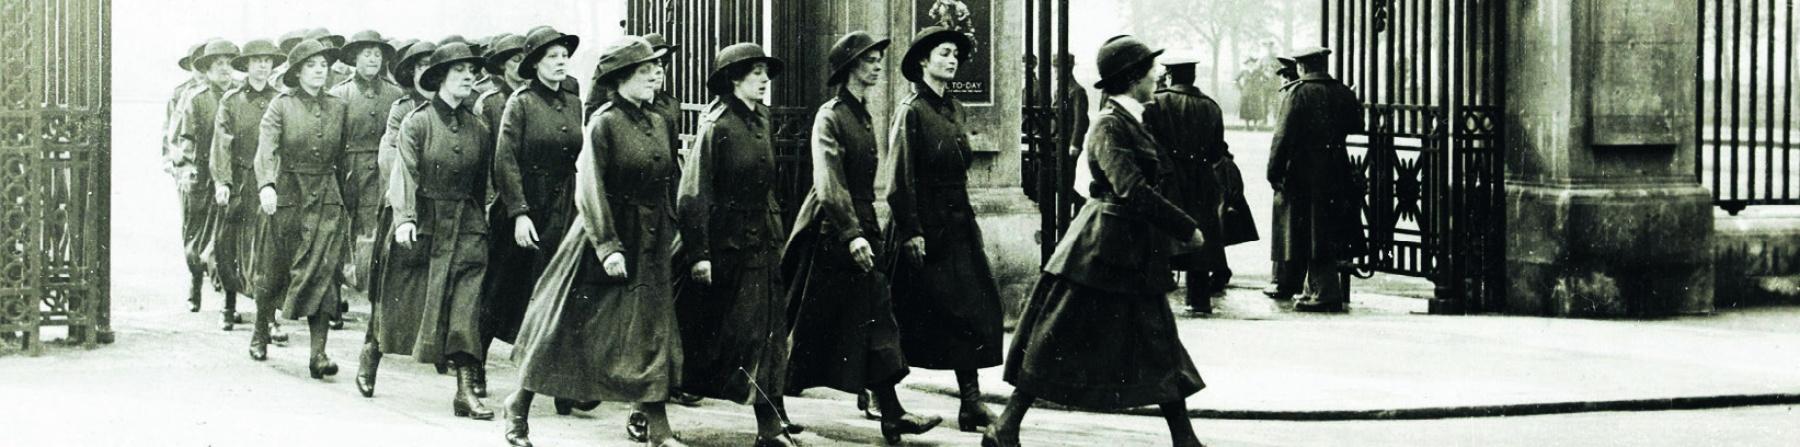 """Copertina libro """"I figli dei nemici"""" di Raffaela Milano. Copertina bianca con immagine in bianco e nero dell epoca di alcune donne che escono da un cancello."""